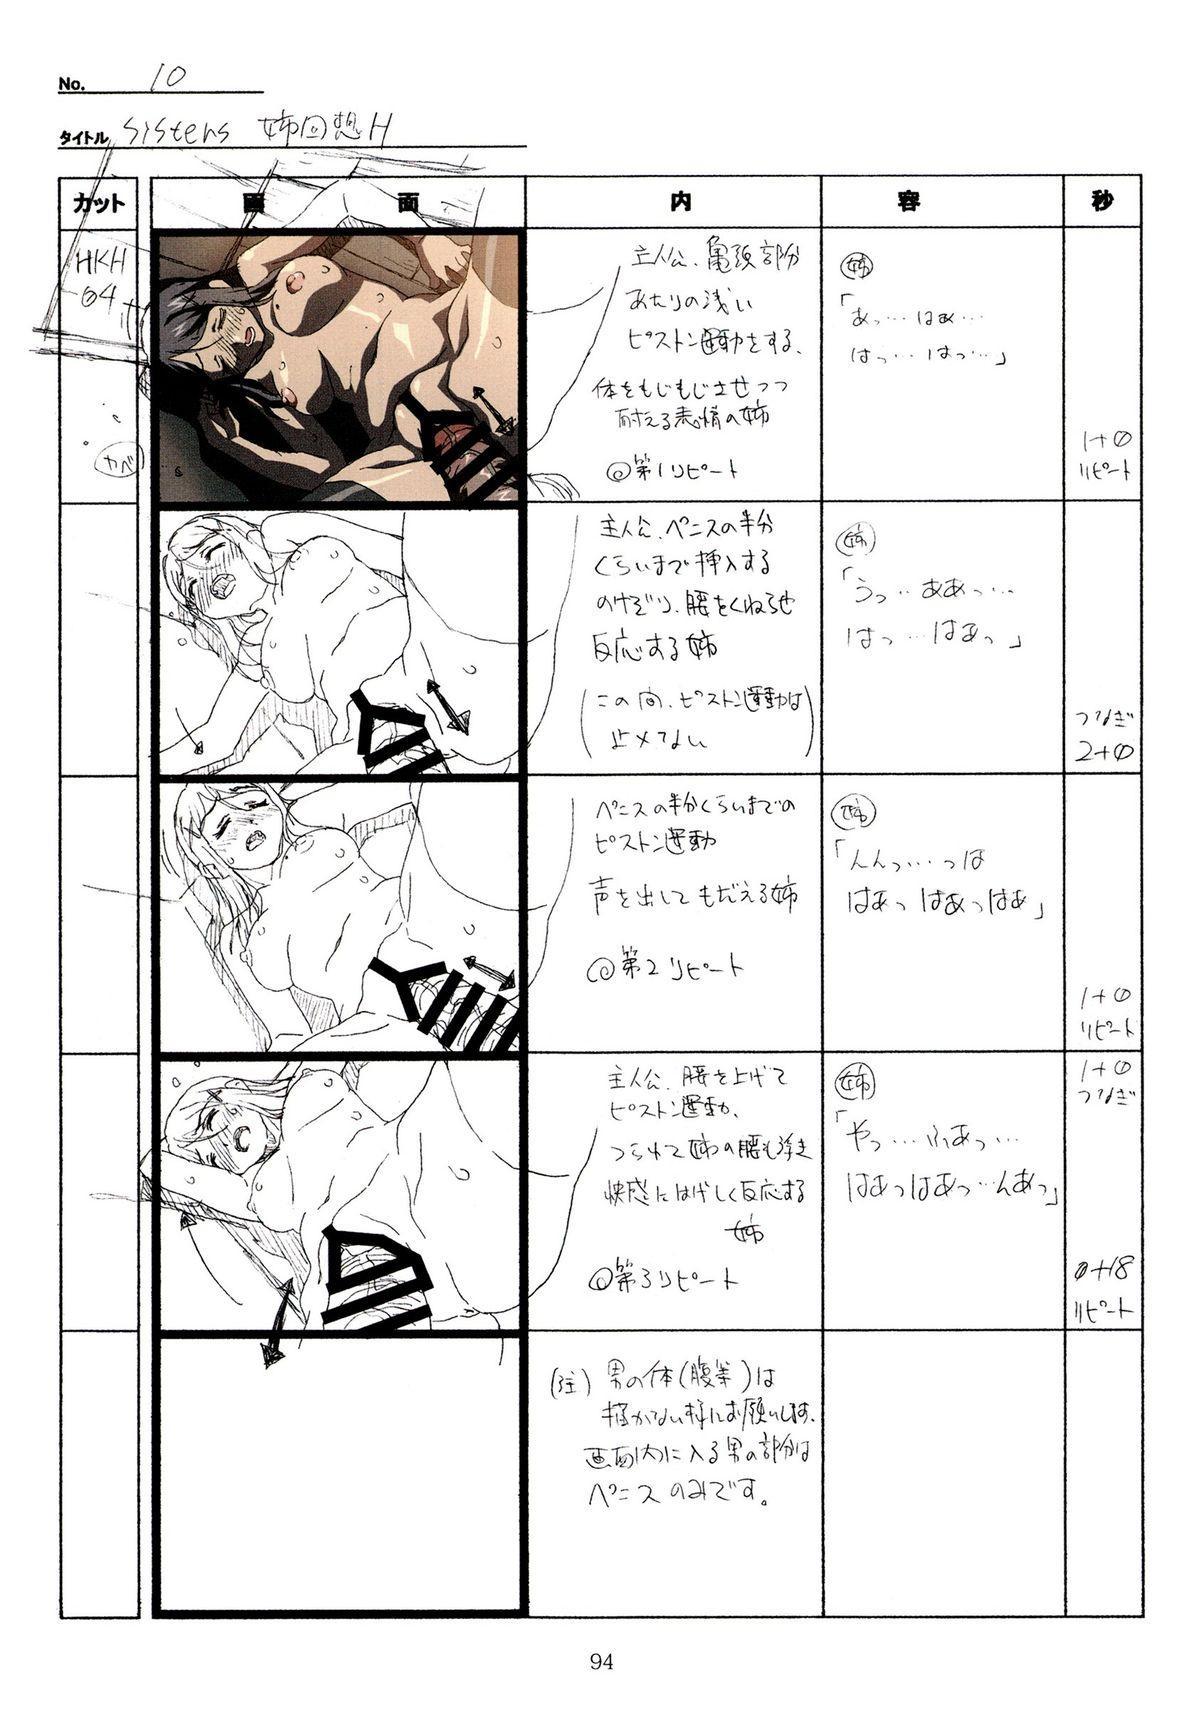 (C89) [Makino Jimusho (Taki Minashika)] SISTERS -Natsu no Saigo no Hi- H Scene All Part Storyboard (SISTERS -Natsu no Saigo no Hi-) 93